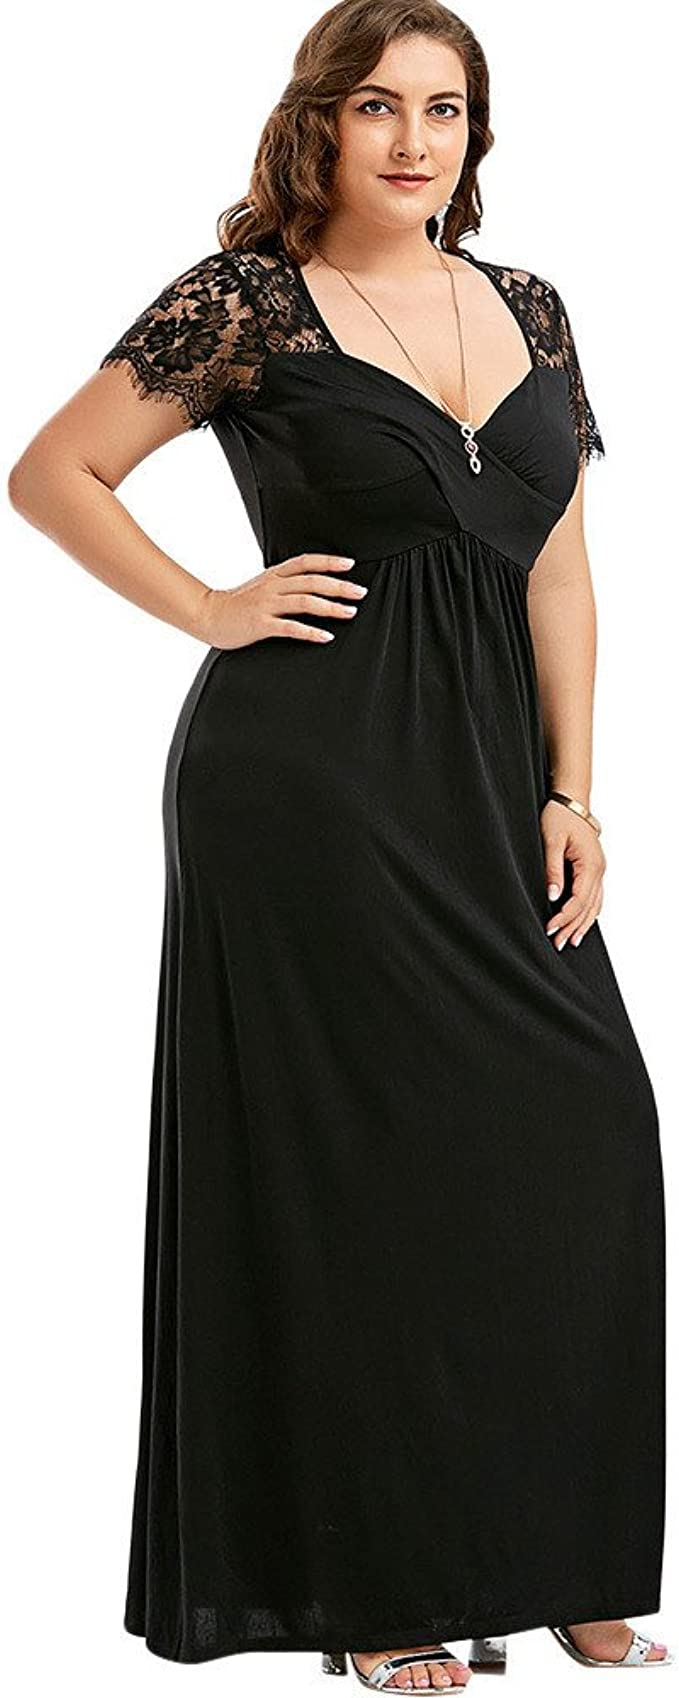 Zegeey Damen Abendkleid GroßE GrößEn Cocktailkleider V-Ausschnitt Kurzarm  Mit Spitze Ballkleid HochzeitsgäSte Brautjungfern Kleid